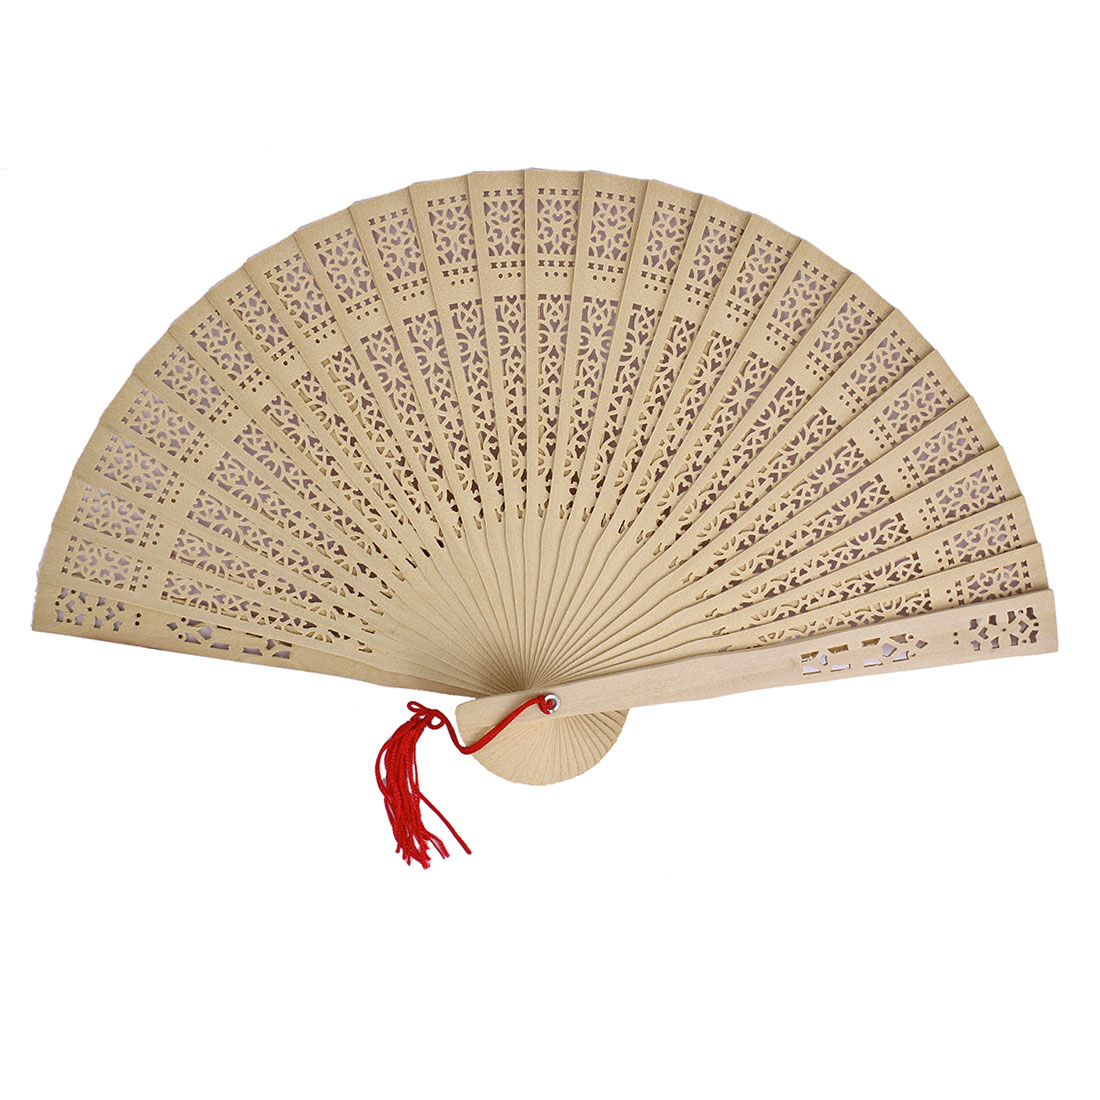 Women Portable Hollow Out Design Wooden Folding Hand Fan Beige